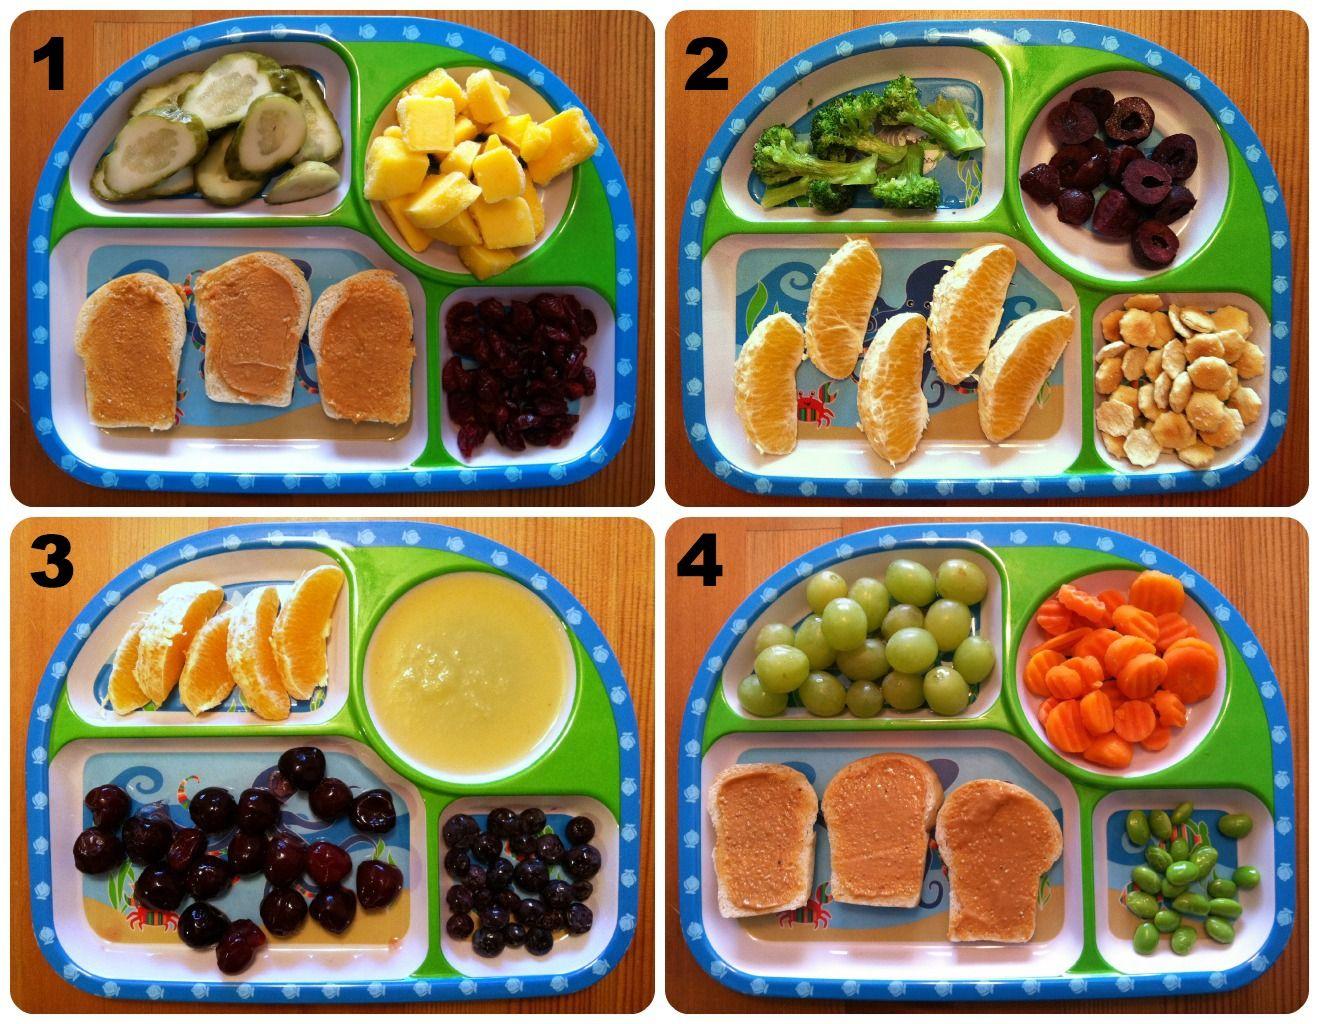 Vegan mother hubbard vegan toddler mealslots of great ideas vegan mother hubbard vegan toddler mealslots of great ideas forumfinder Images